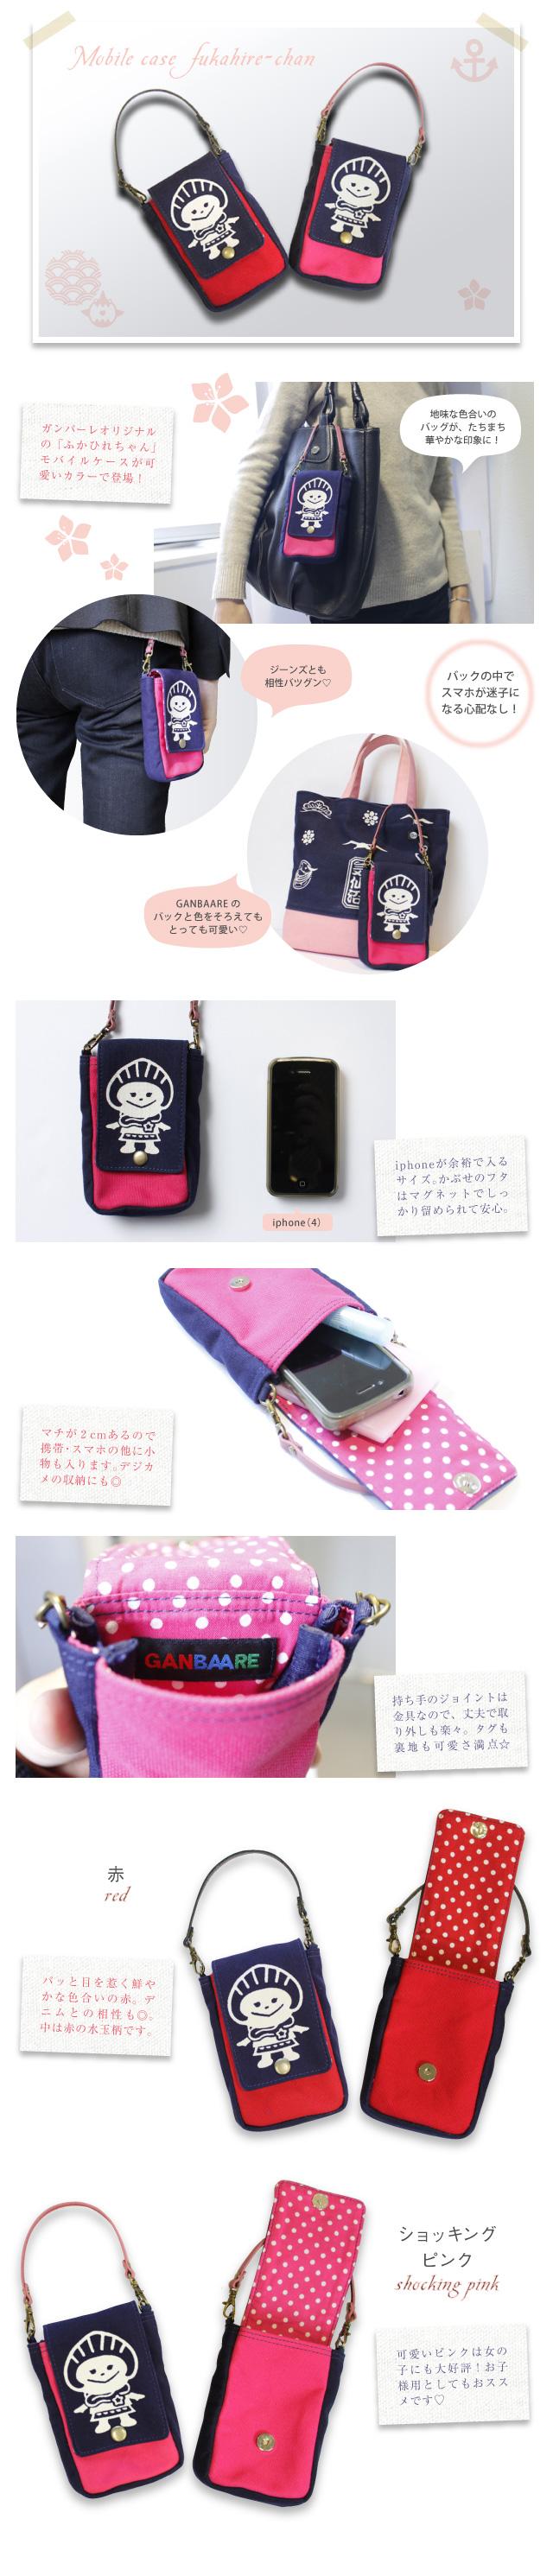 携帯・スマホケース(ふかひれちゃん)